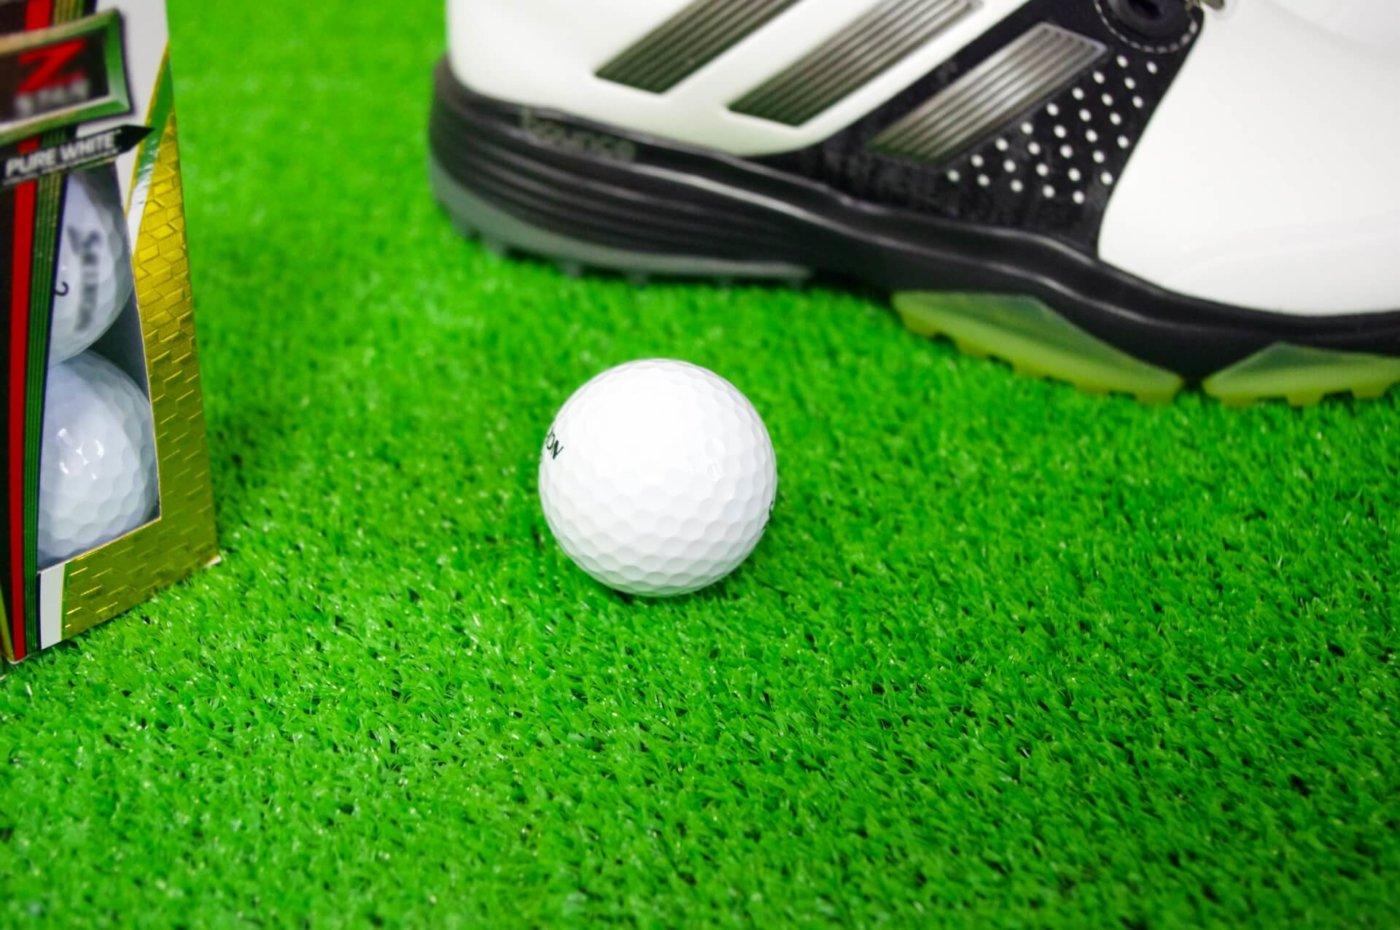 ゴルフはこれがあれば大丈夫!初心が持つべきゴルフ用品